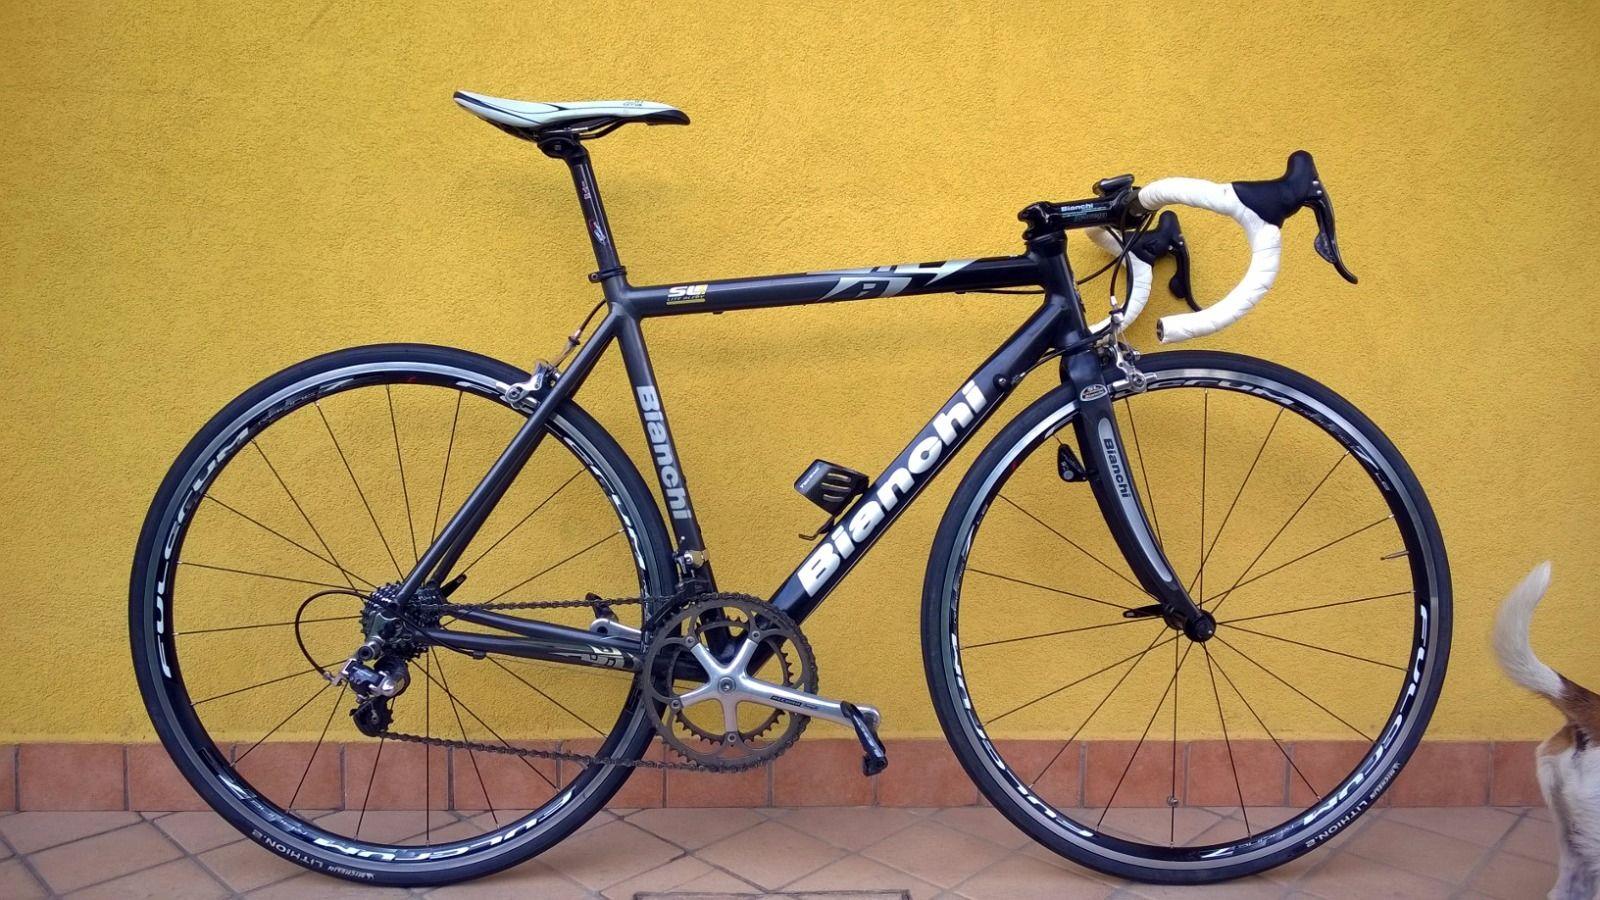 Bici Da Corsa Usate Bici Da Corsa Usate